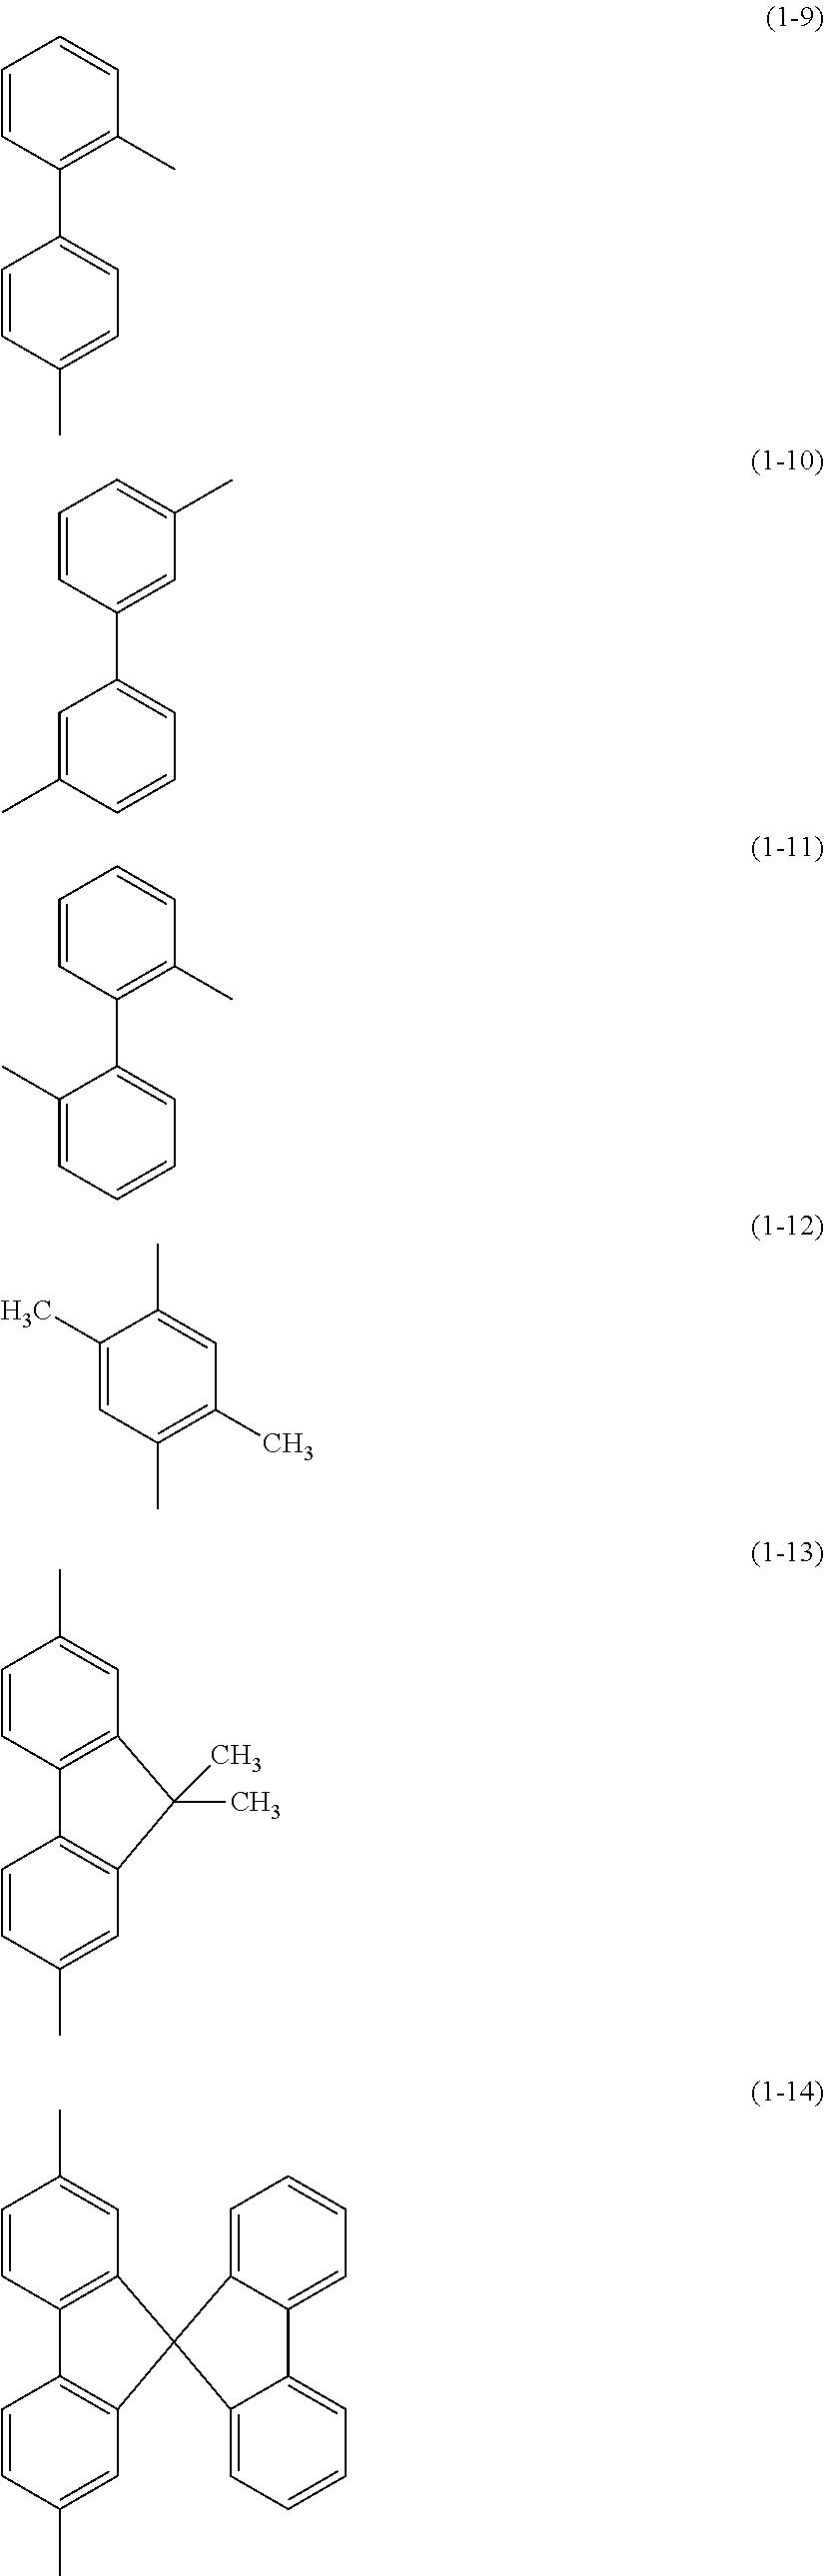 Figure US09843000-20171212-C00013